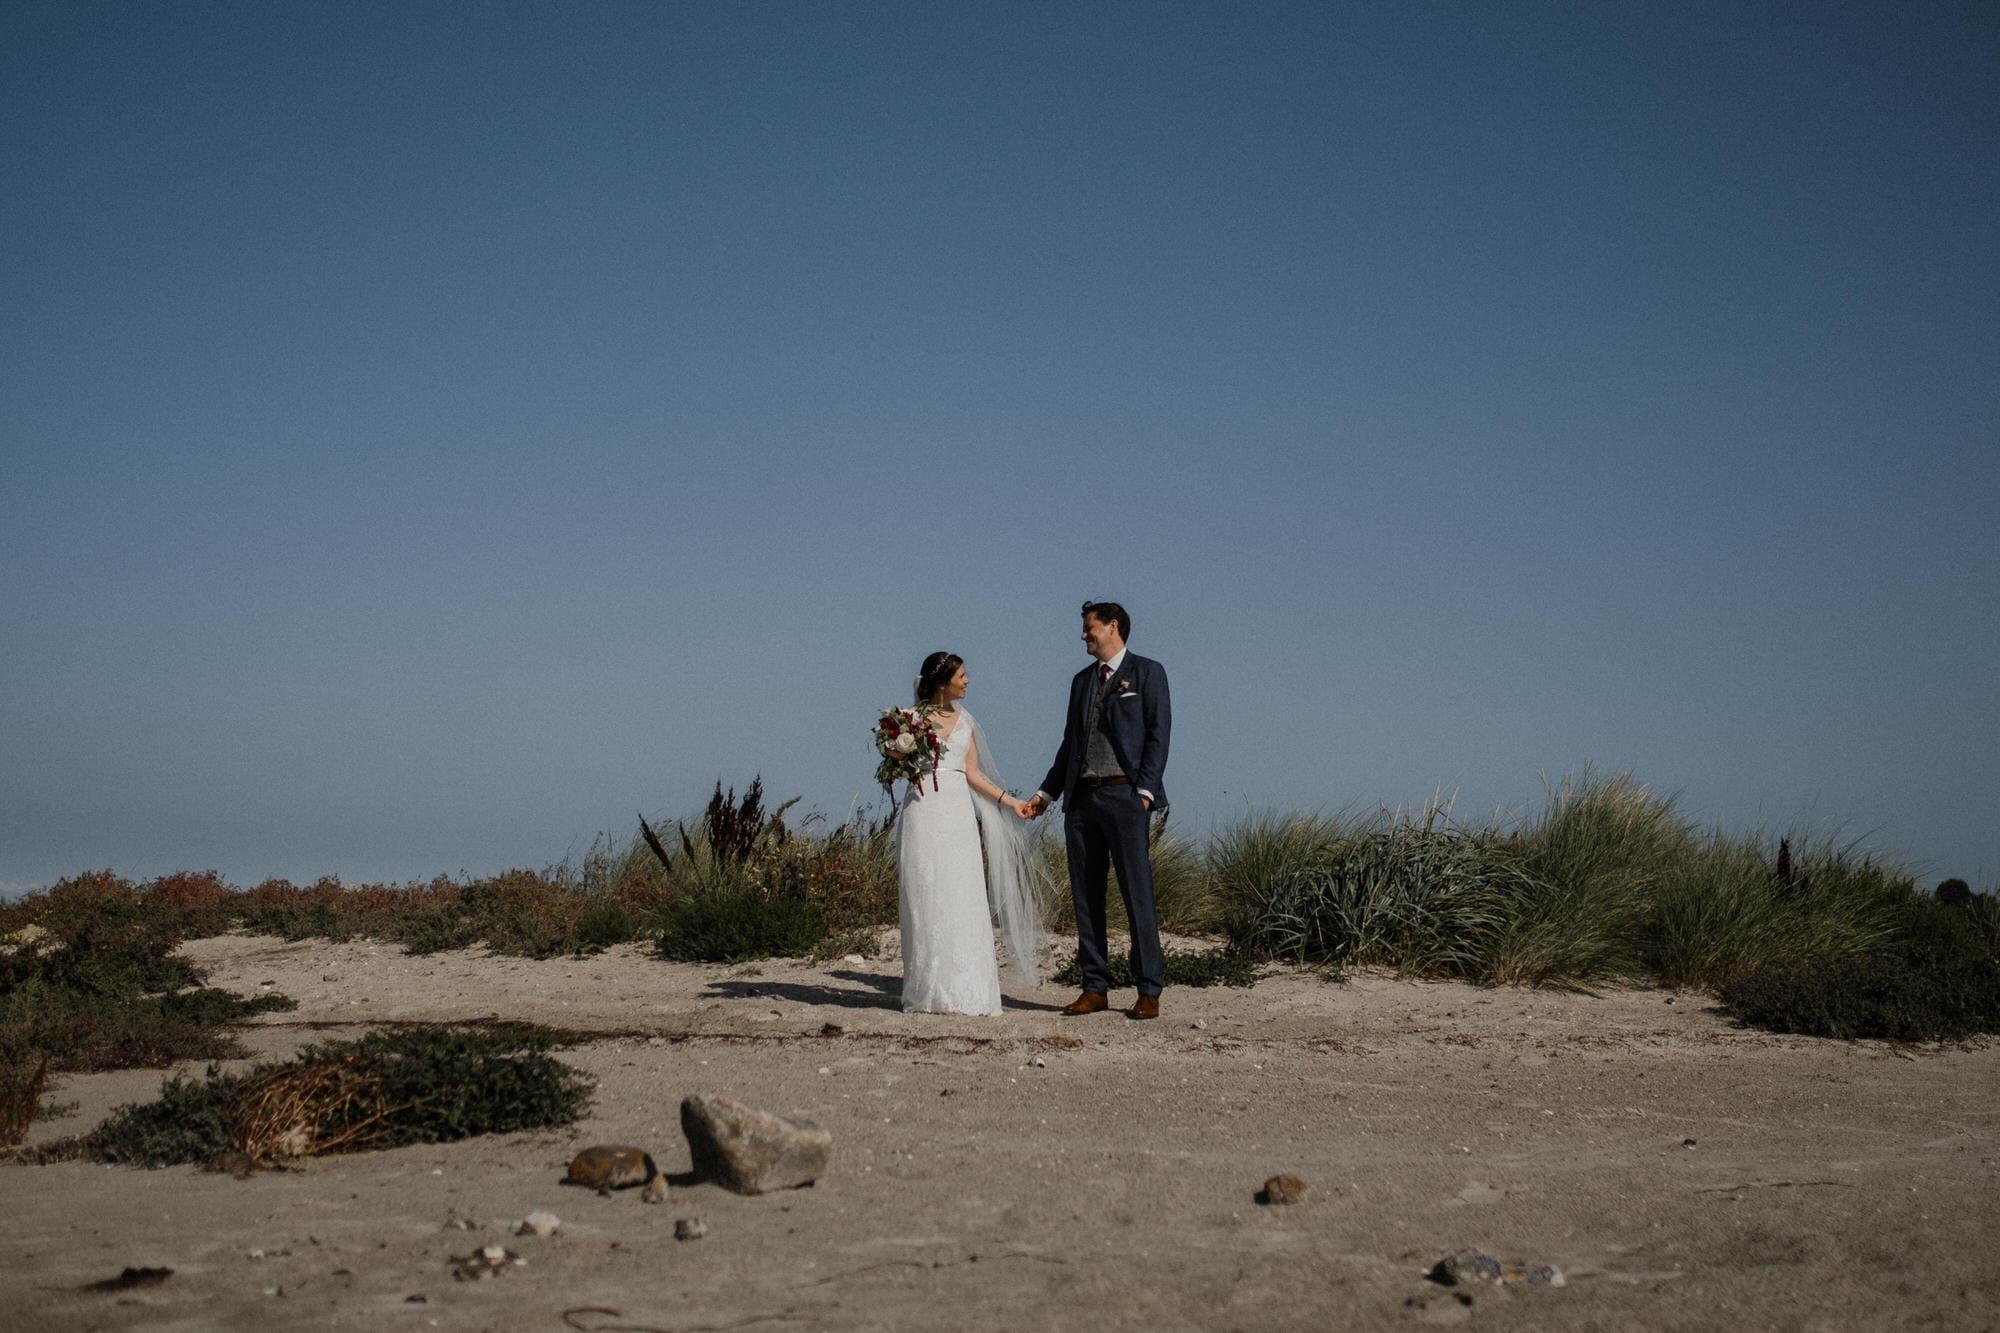 Hochzeitsfotografie Kiel- Hochzeitsbilder am Meer. Brautpaar Hand in Hand am Strand.